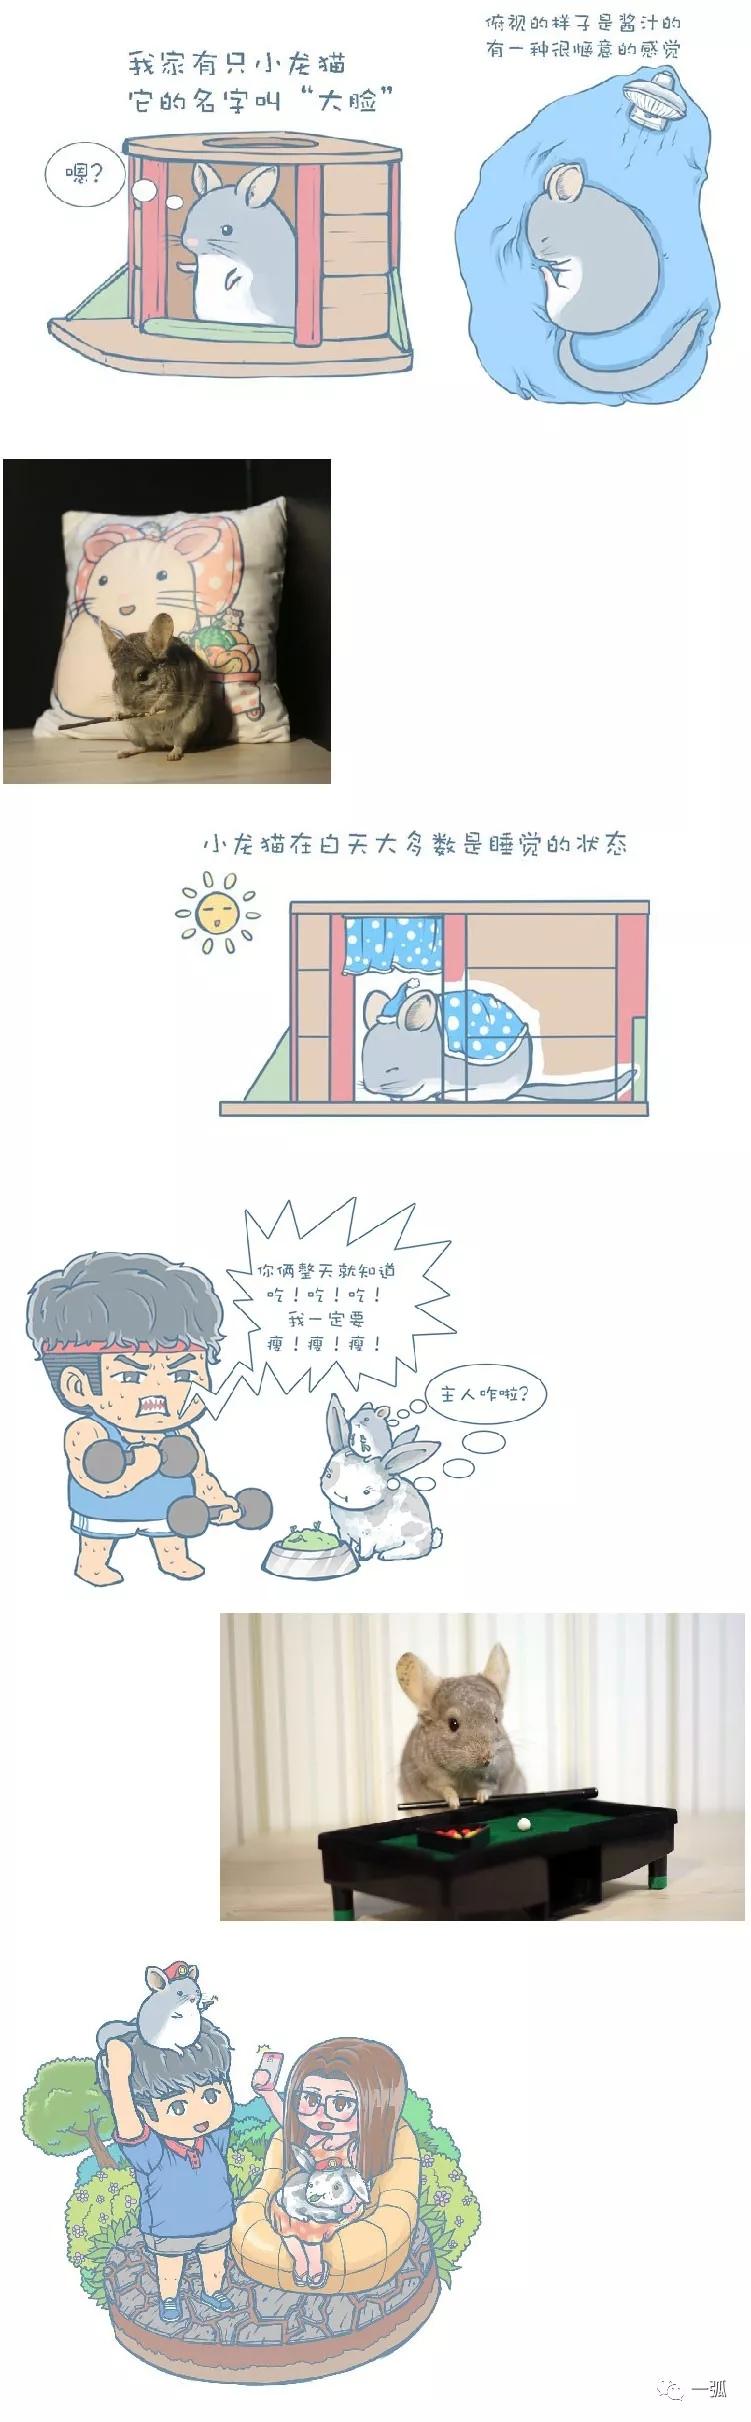 韩子获的龙猫作品与龙猫原型